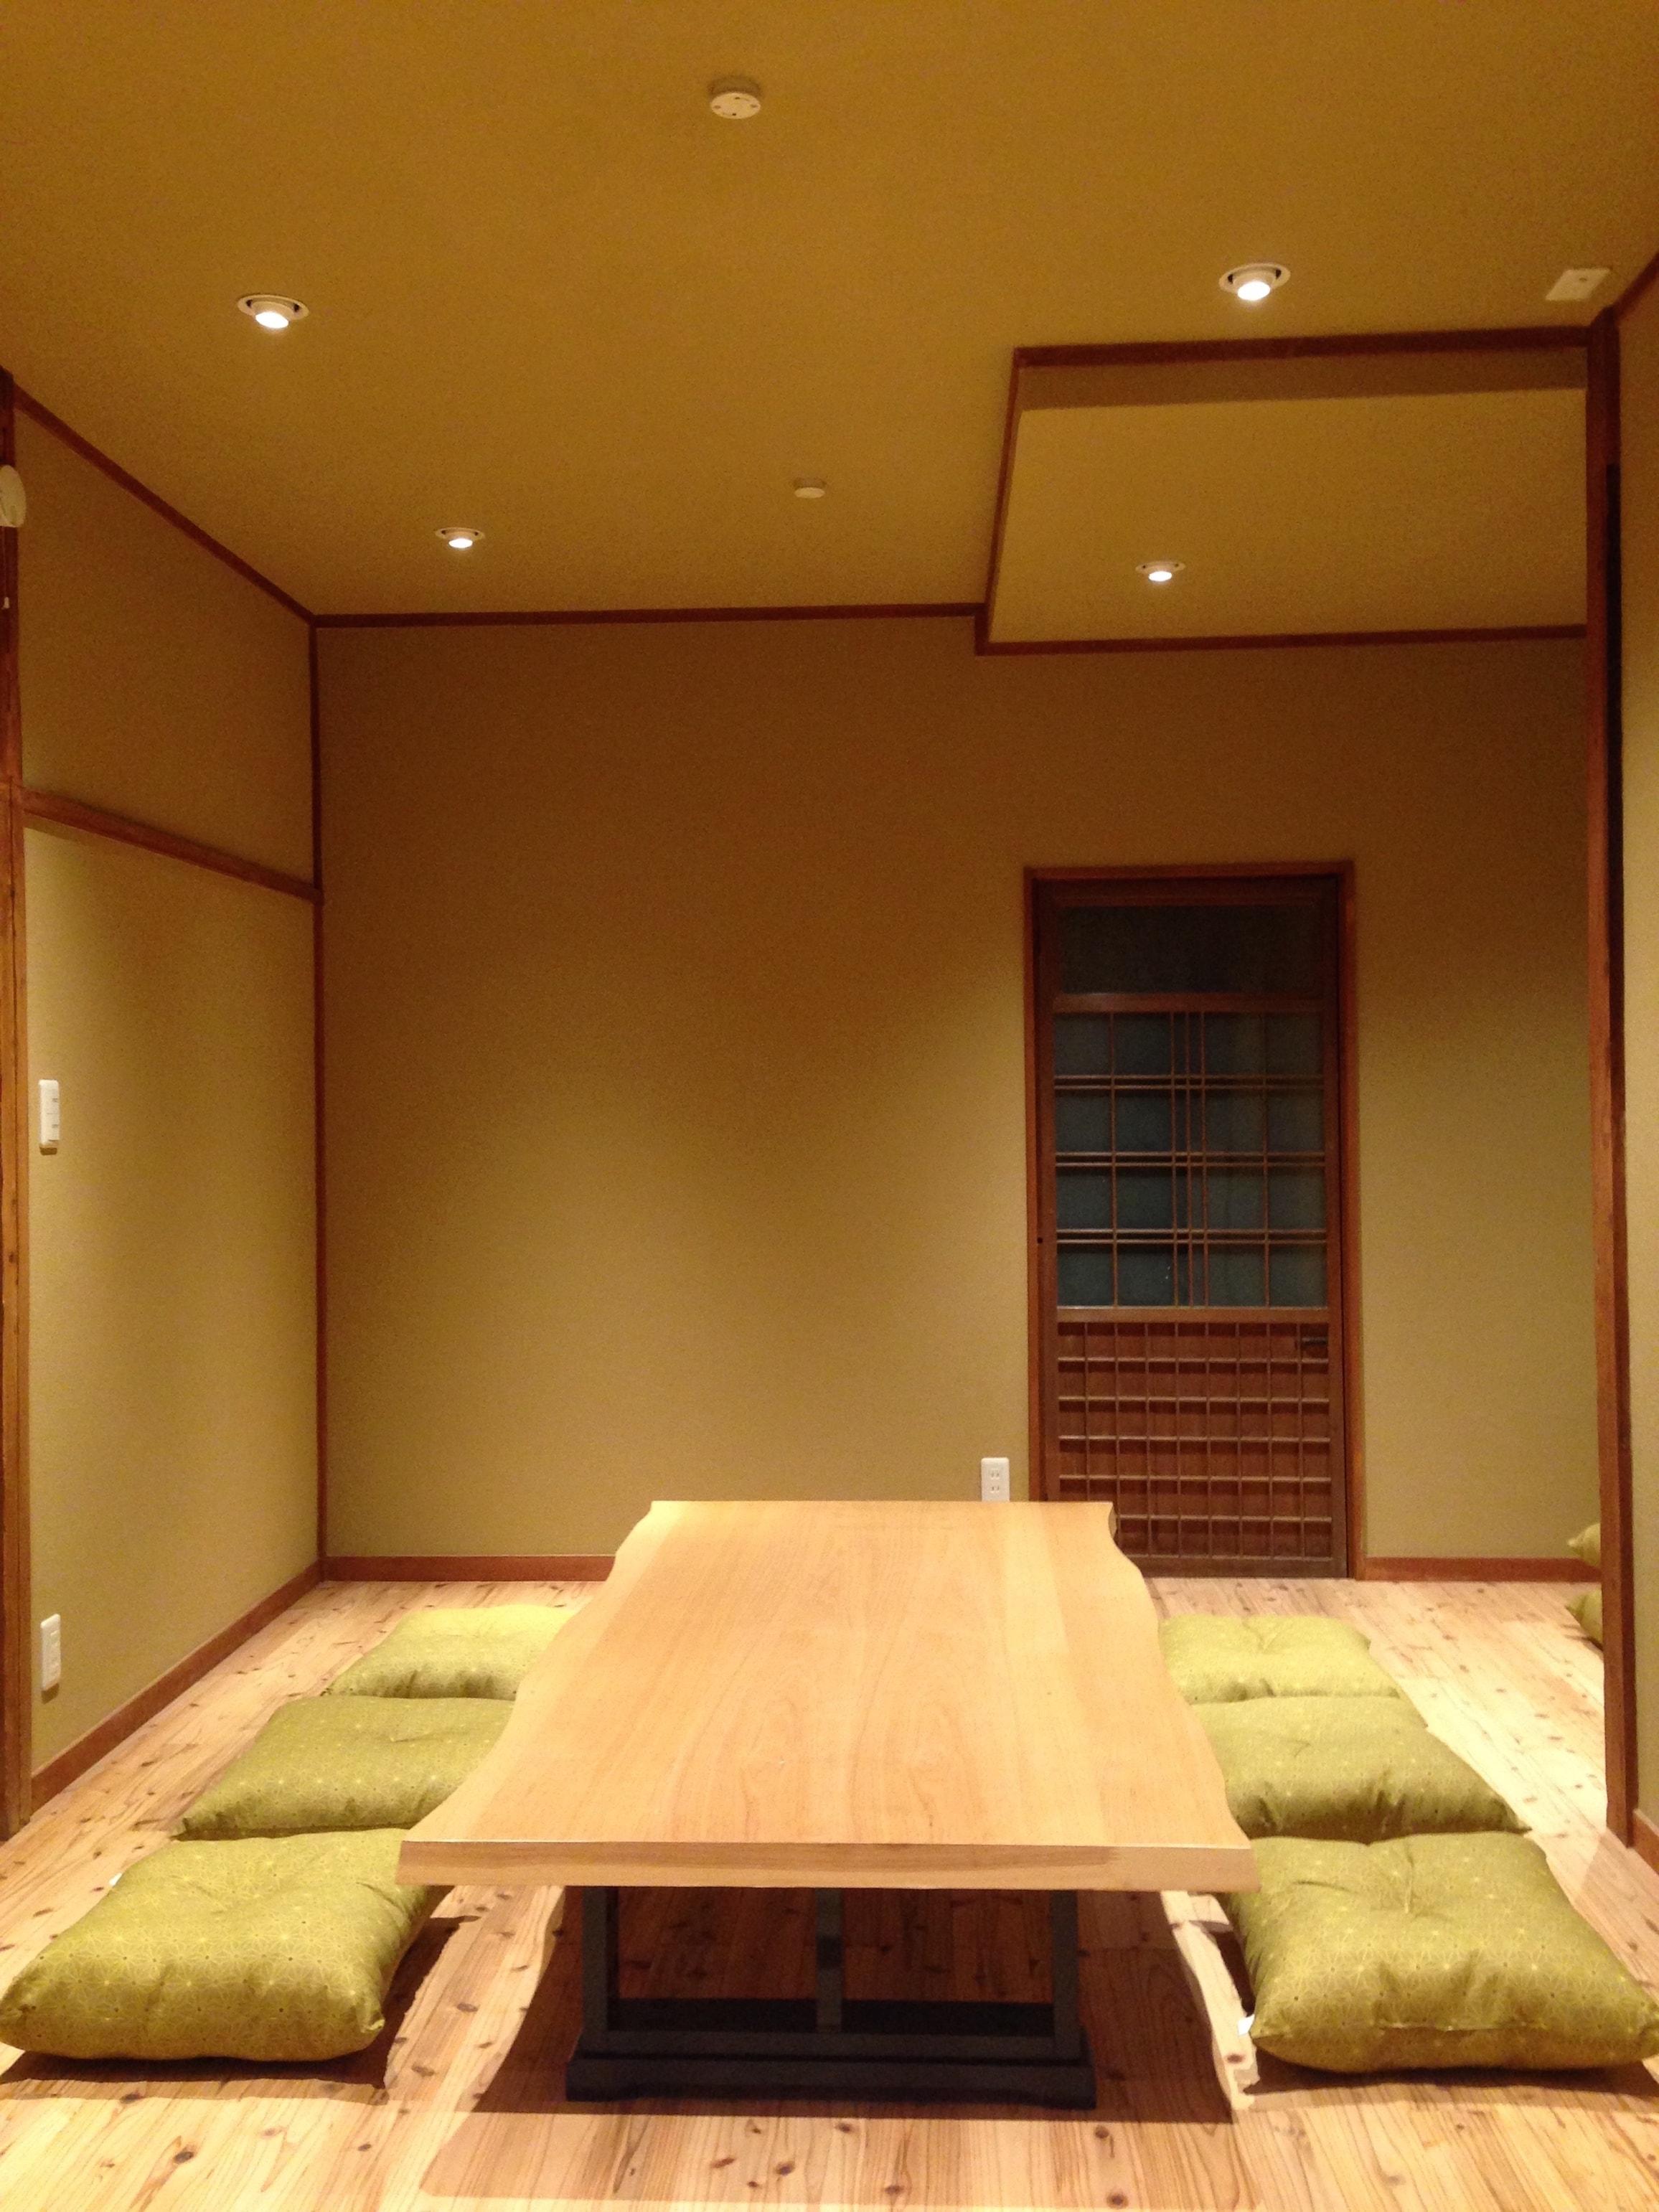 |神奈川|ゲストハウス|鎌倉の古民家ゲストハウス スタッフ募集